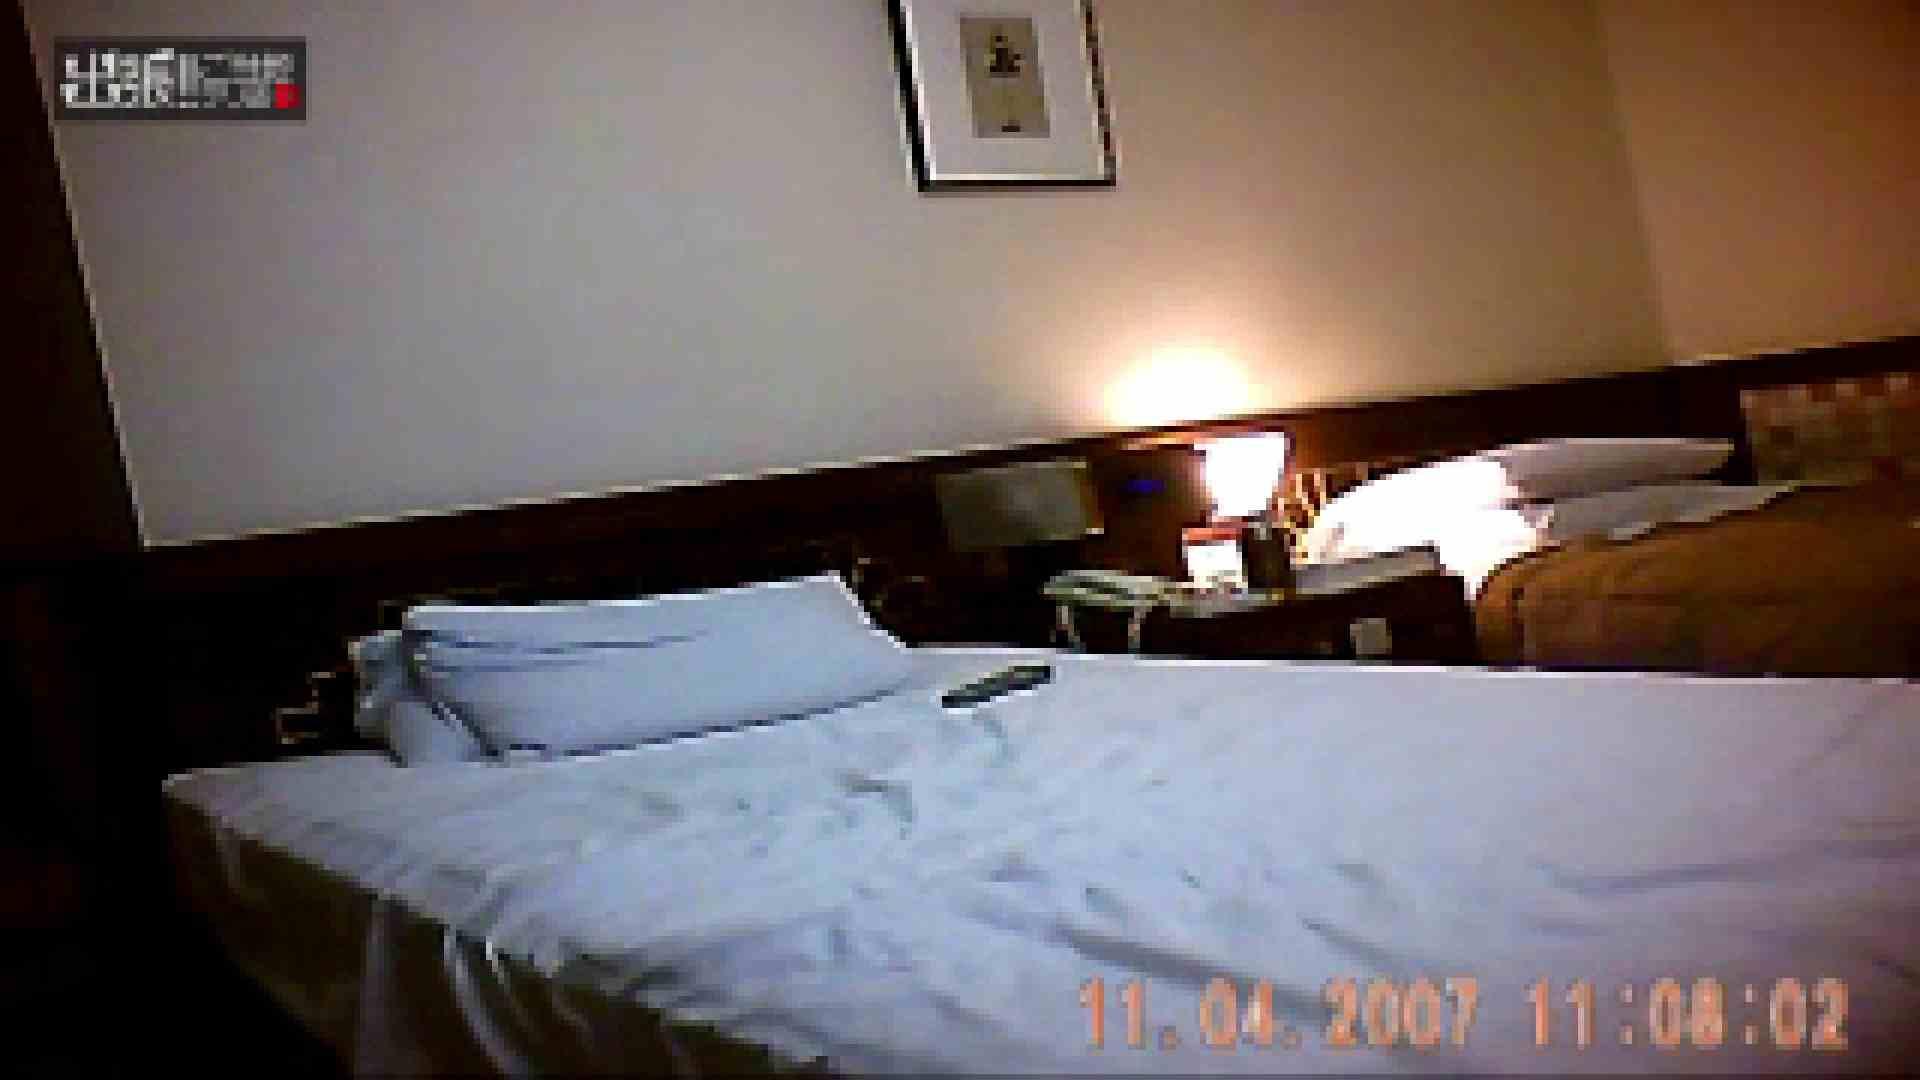 出張リーマンのデリ嬢隠し撮り第2弾vol.2 リアル・マンコ オマンコ動画キャプチャ 85pic 63